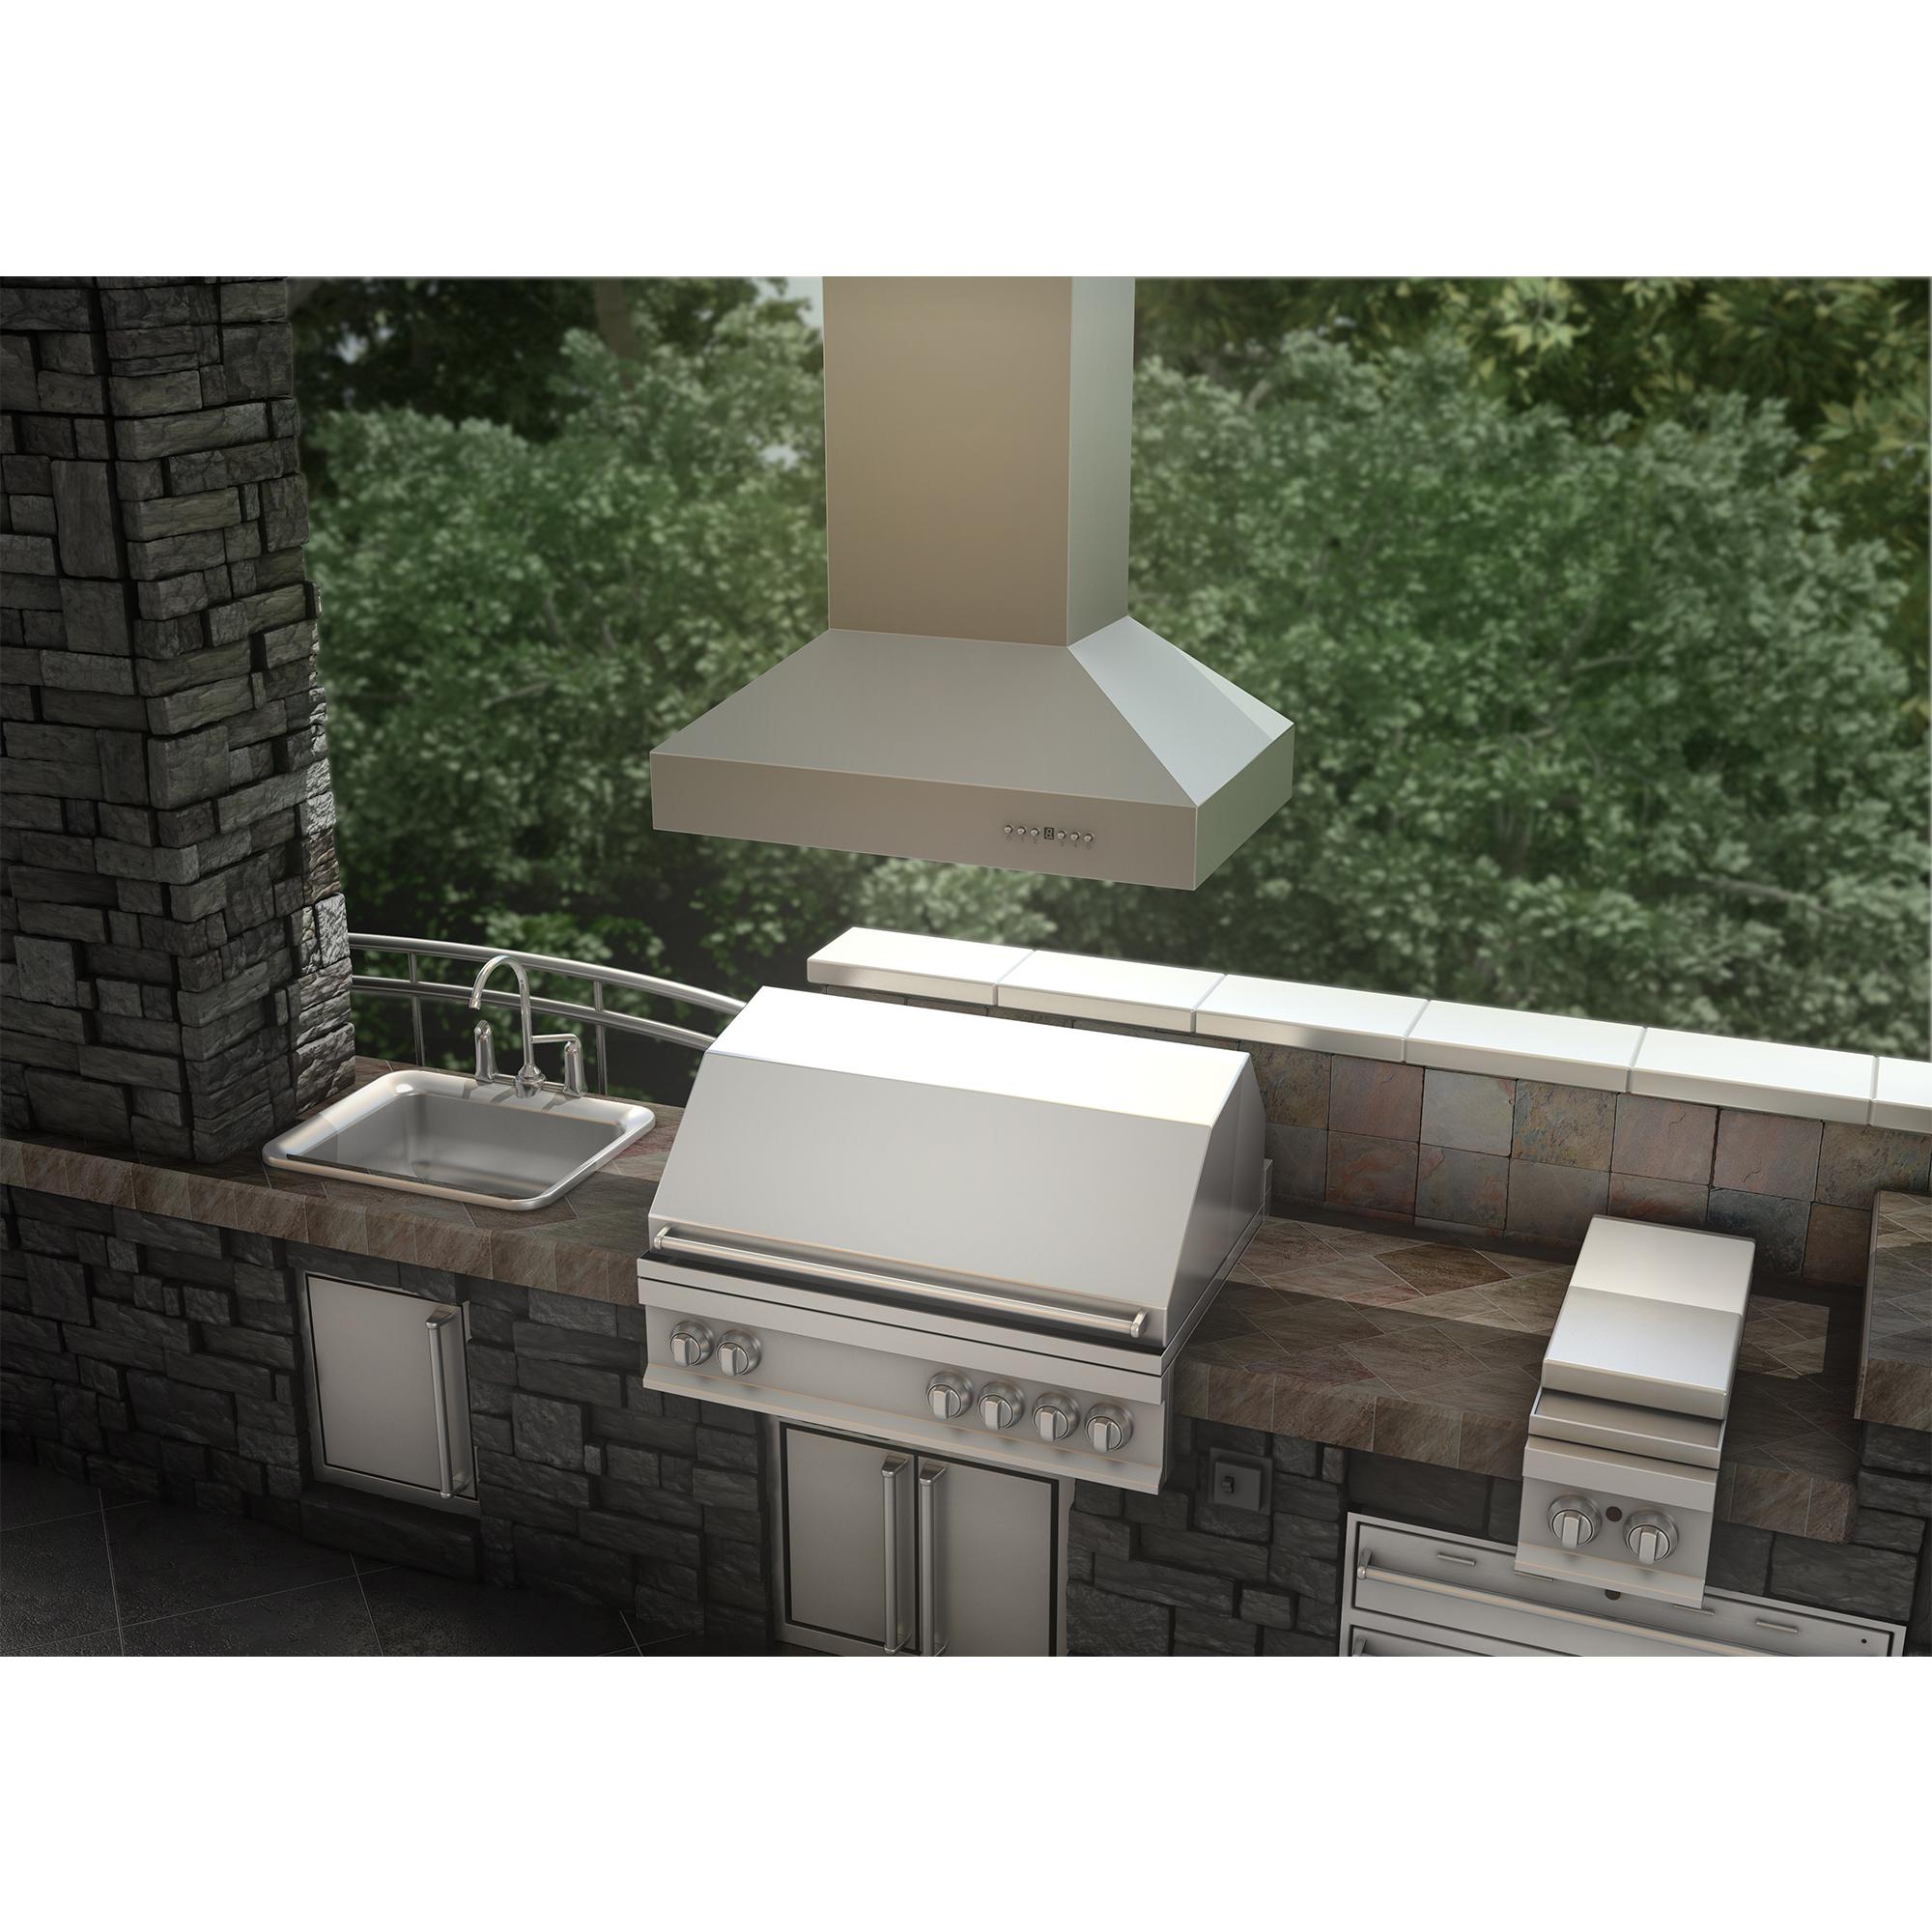 zline-stainless-steel-island-range-hood-697i-kitchen-outdoor-2.jpg